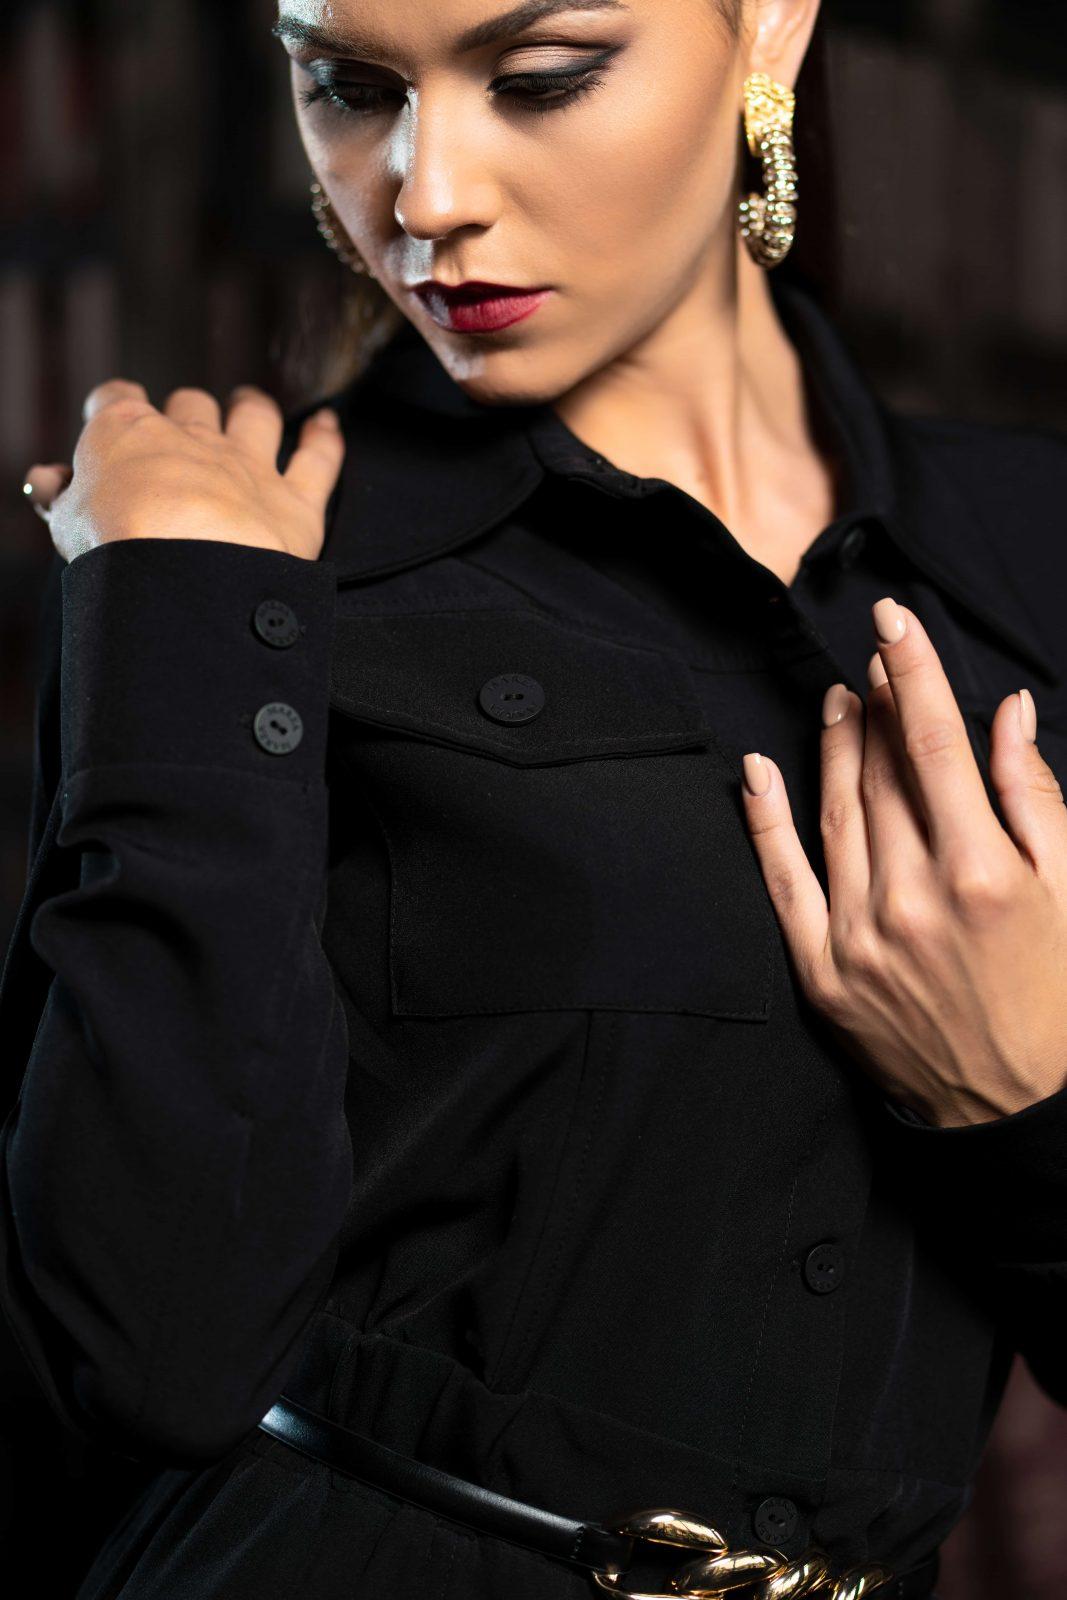 Къса елегантна черна рокля с копчета и волан. Изработена е от нежна материя, която се спуска свободно по тялото. Универсален модел, който е подходящ за всякакъв повод.